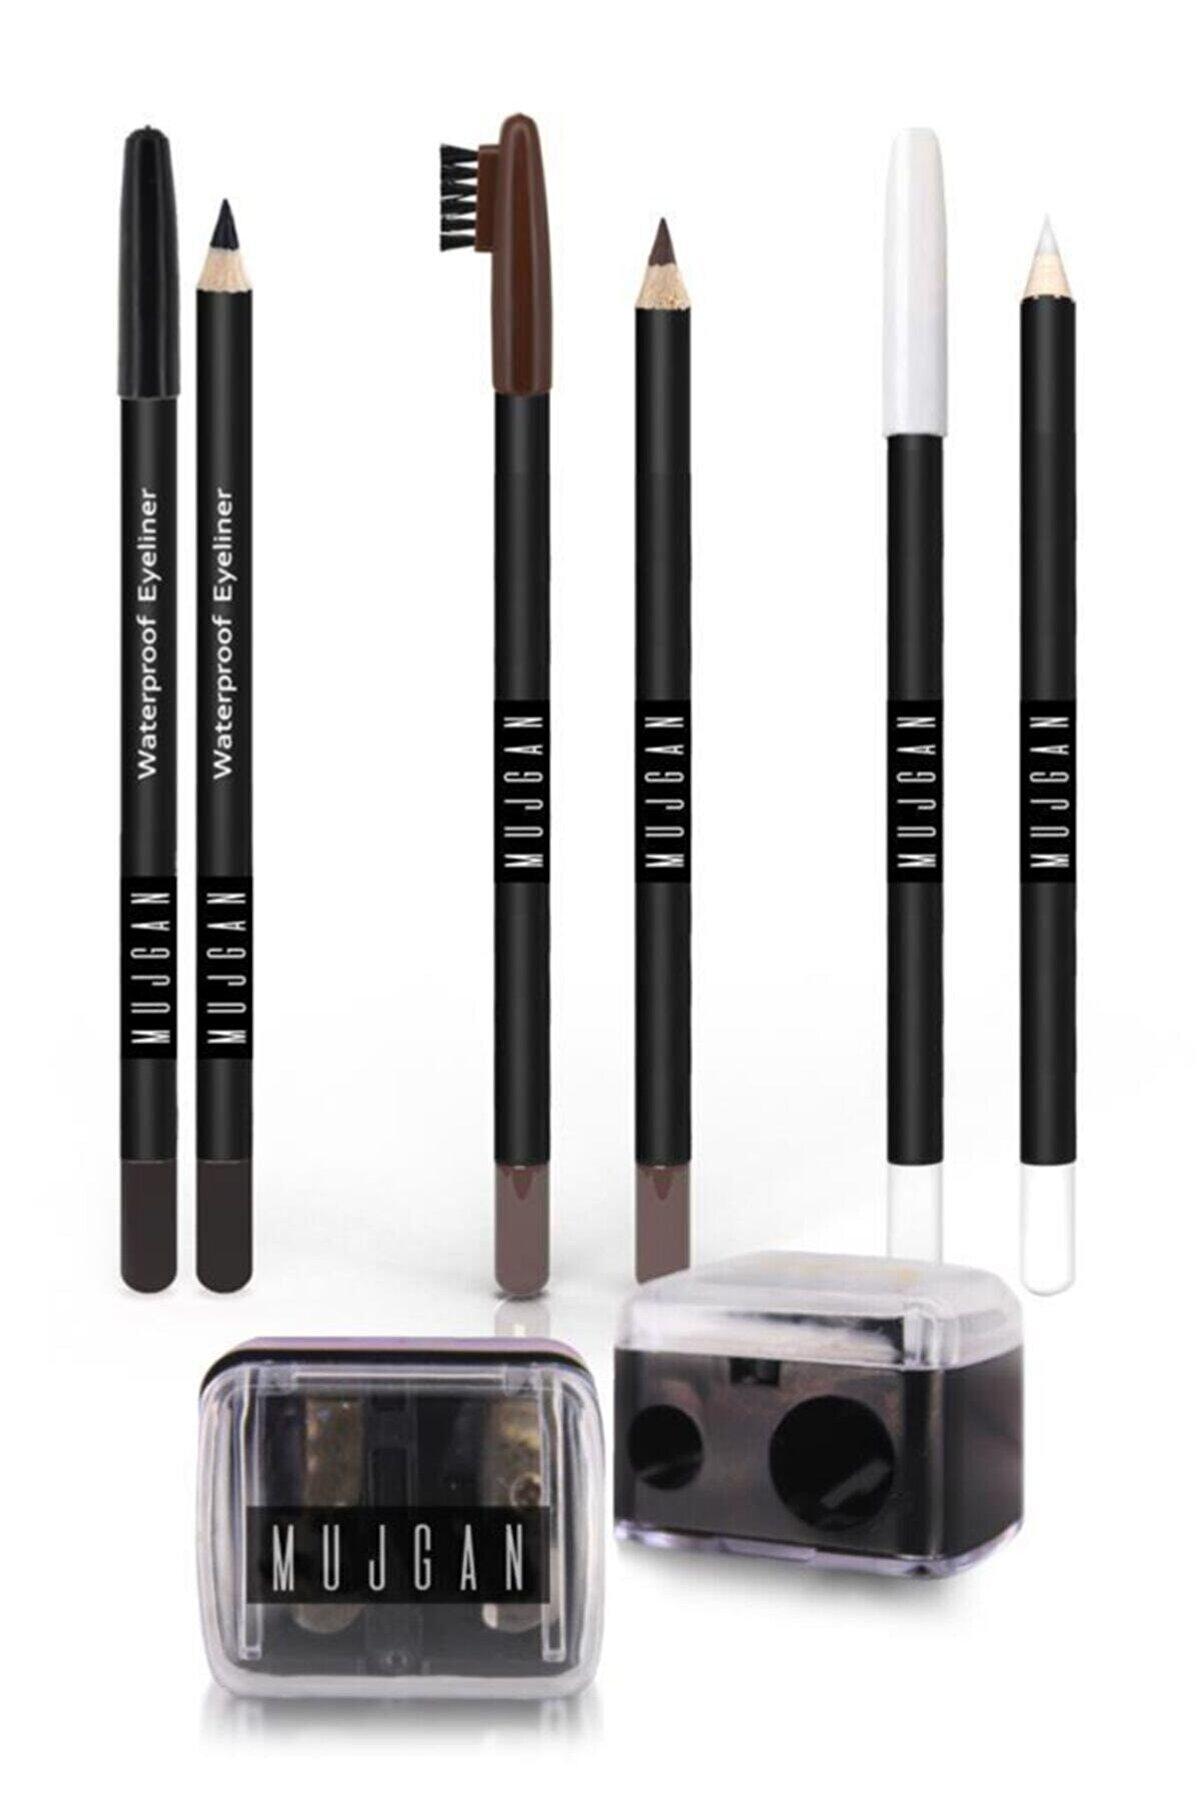 MUJGAN Siyah Göz Kalemi + Beyaz Göz Kalemi + Kahverengi Kaş Kalemi + Açacak 4'lü